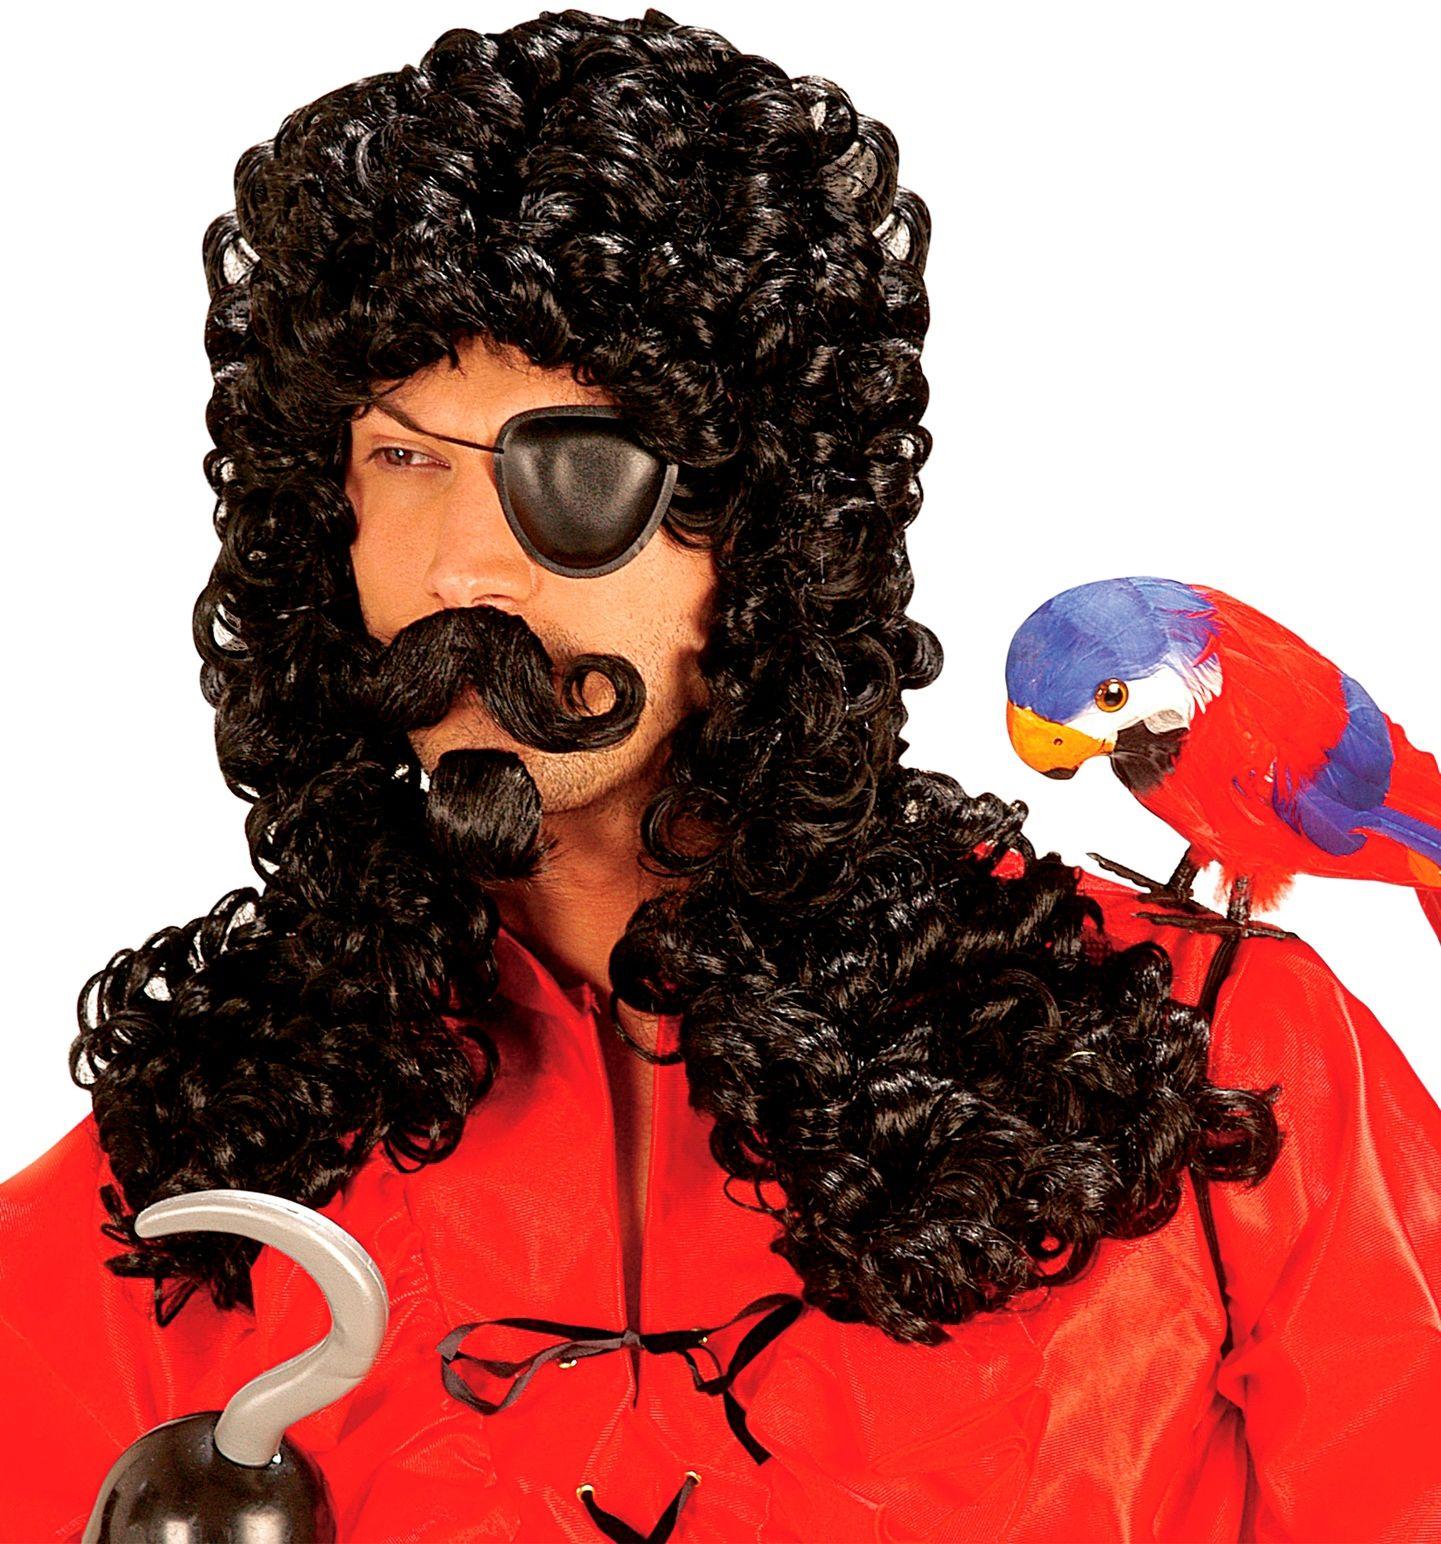 Kapitein haak pruik met snor en baard